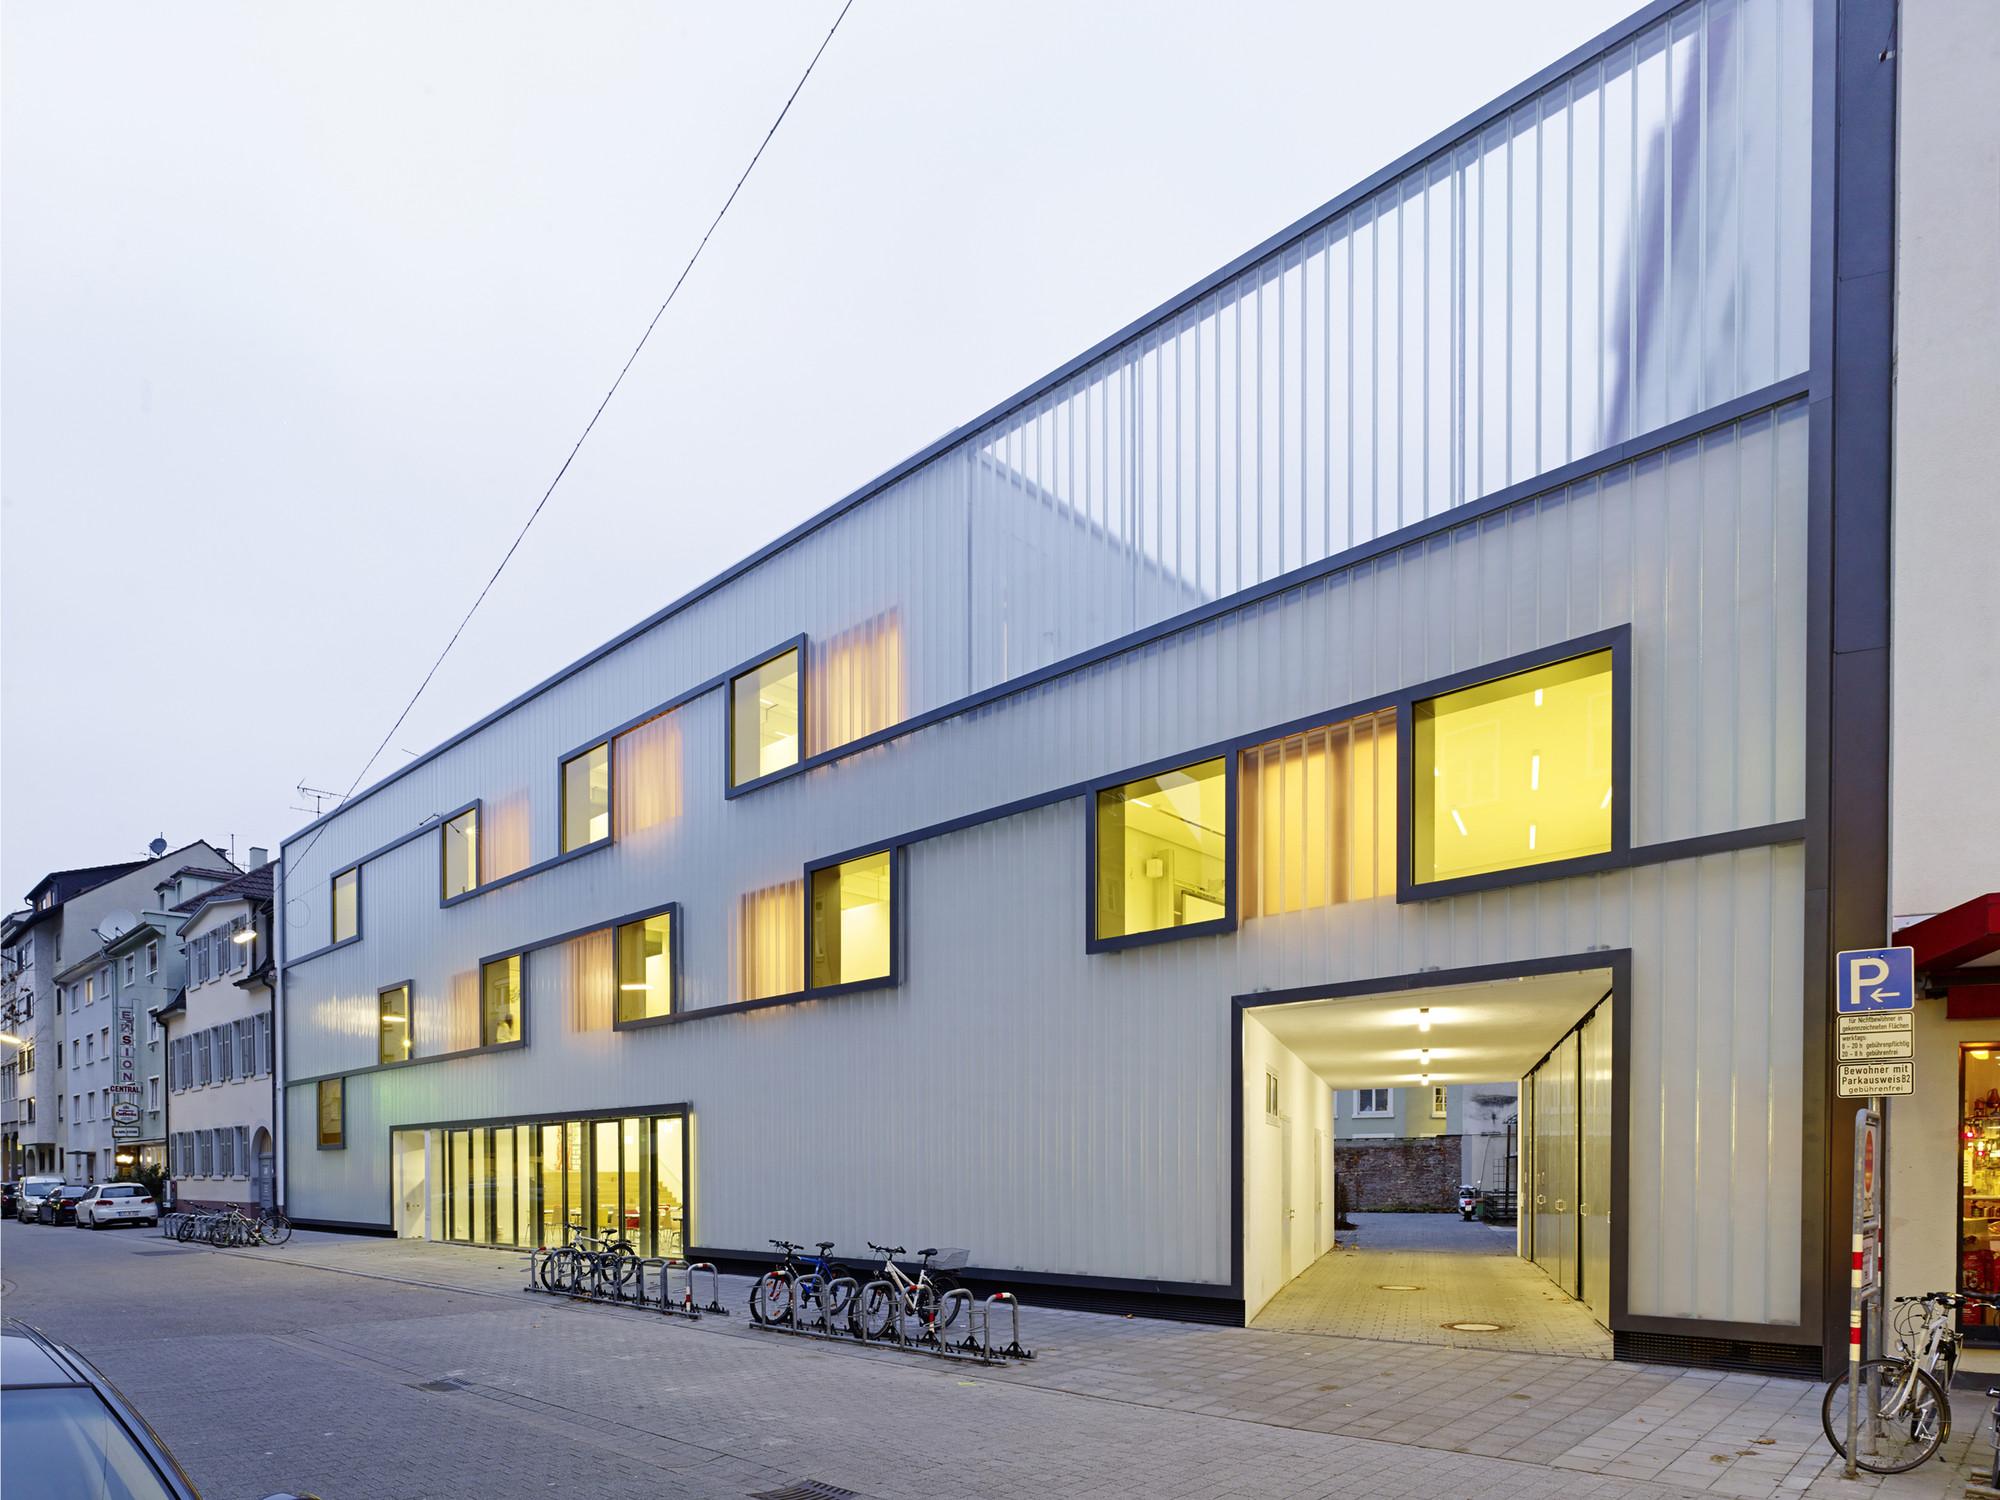 Fichte-Gymnasium Grammar School  / netzwerkarchitekten, © Jörg Hempel